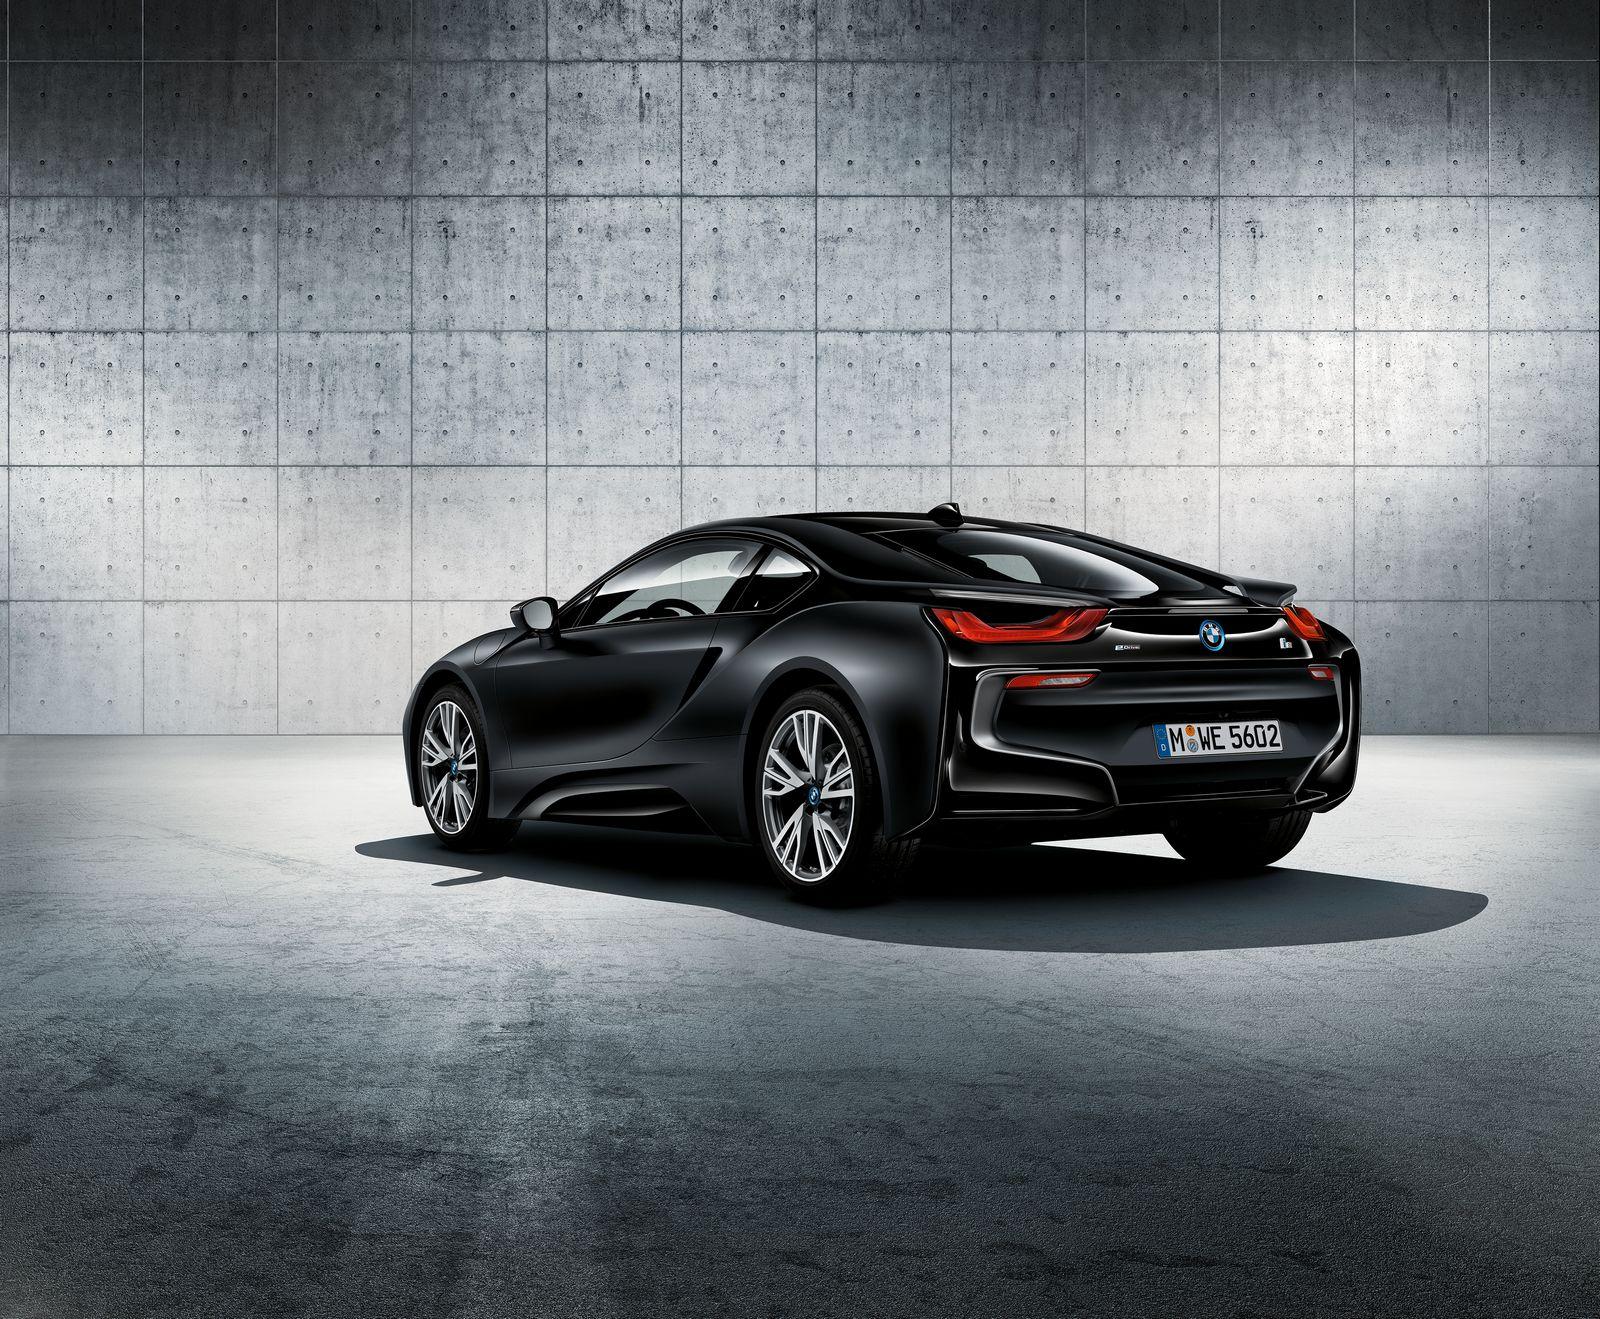 2013 - [BMW] i8 [i12] - Page 22 BMW%2Bi8%2BFrozen%2BBlack%2B1